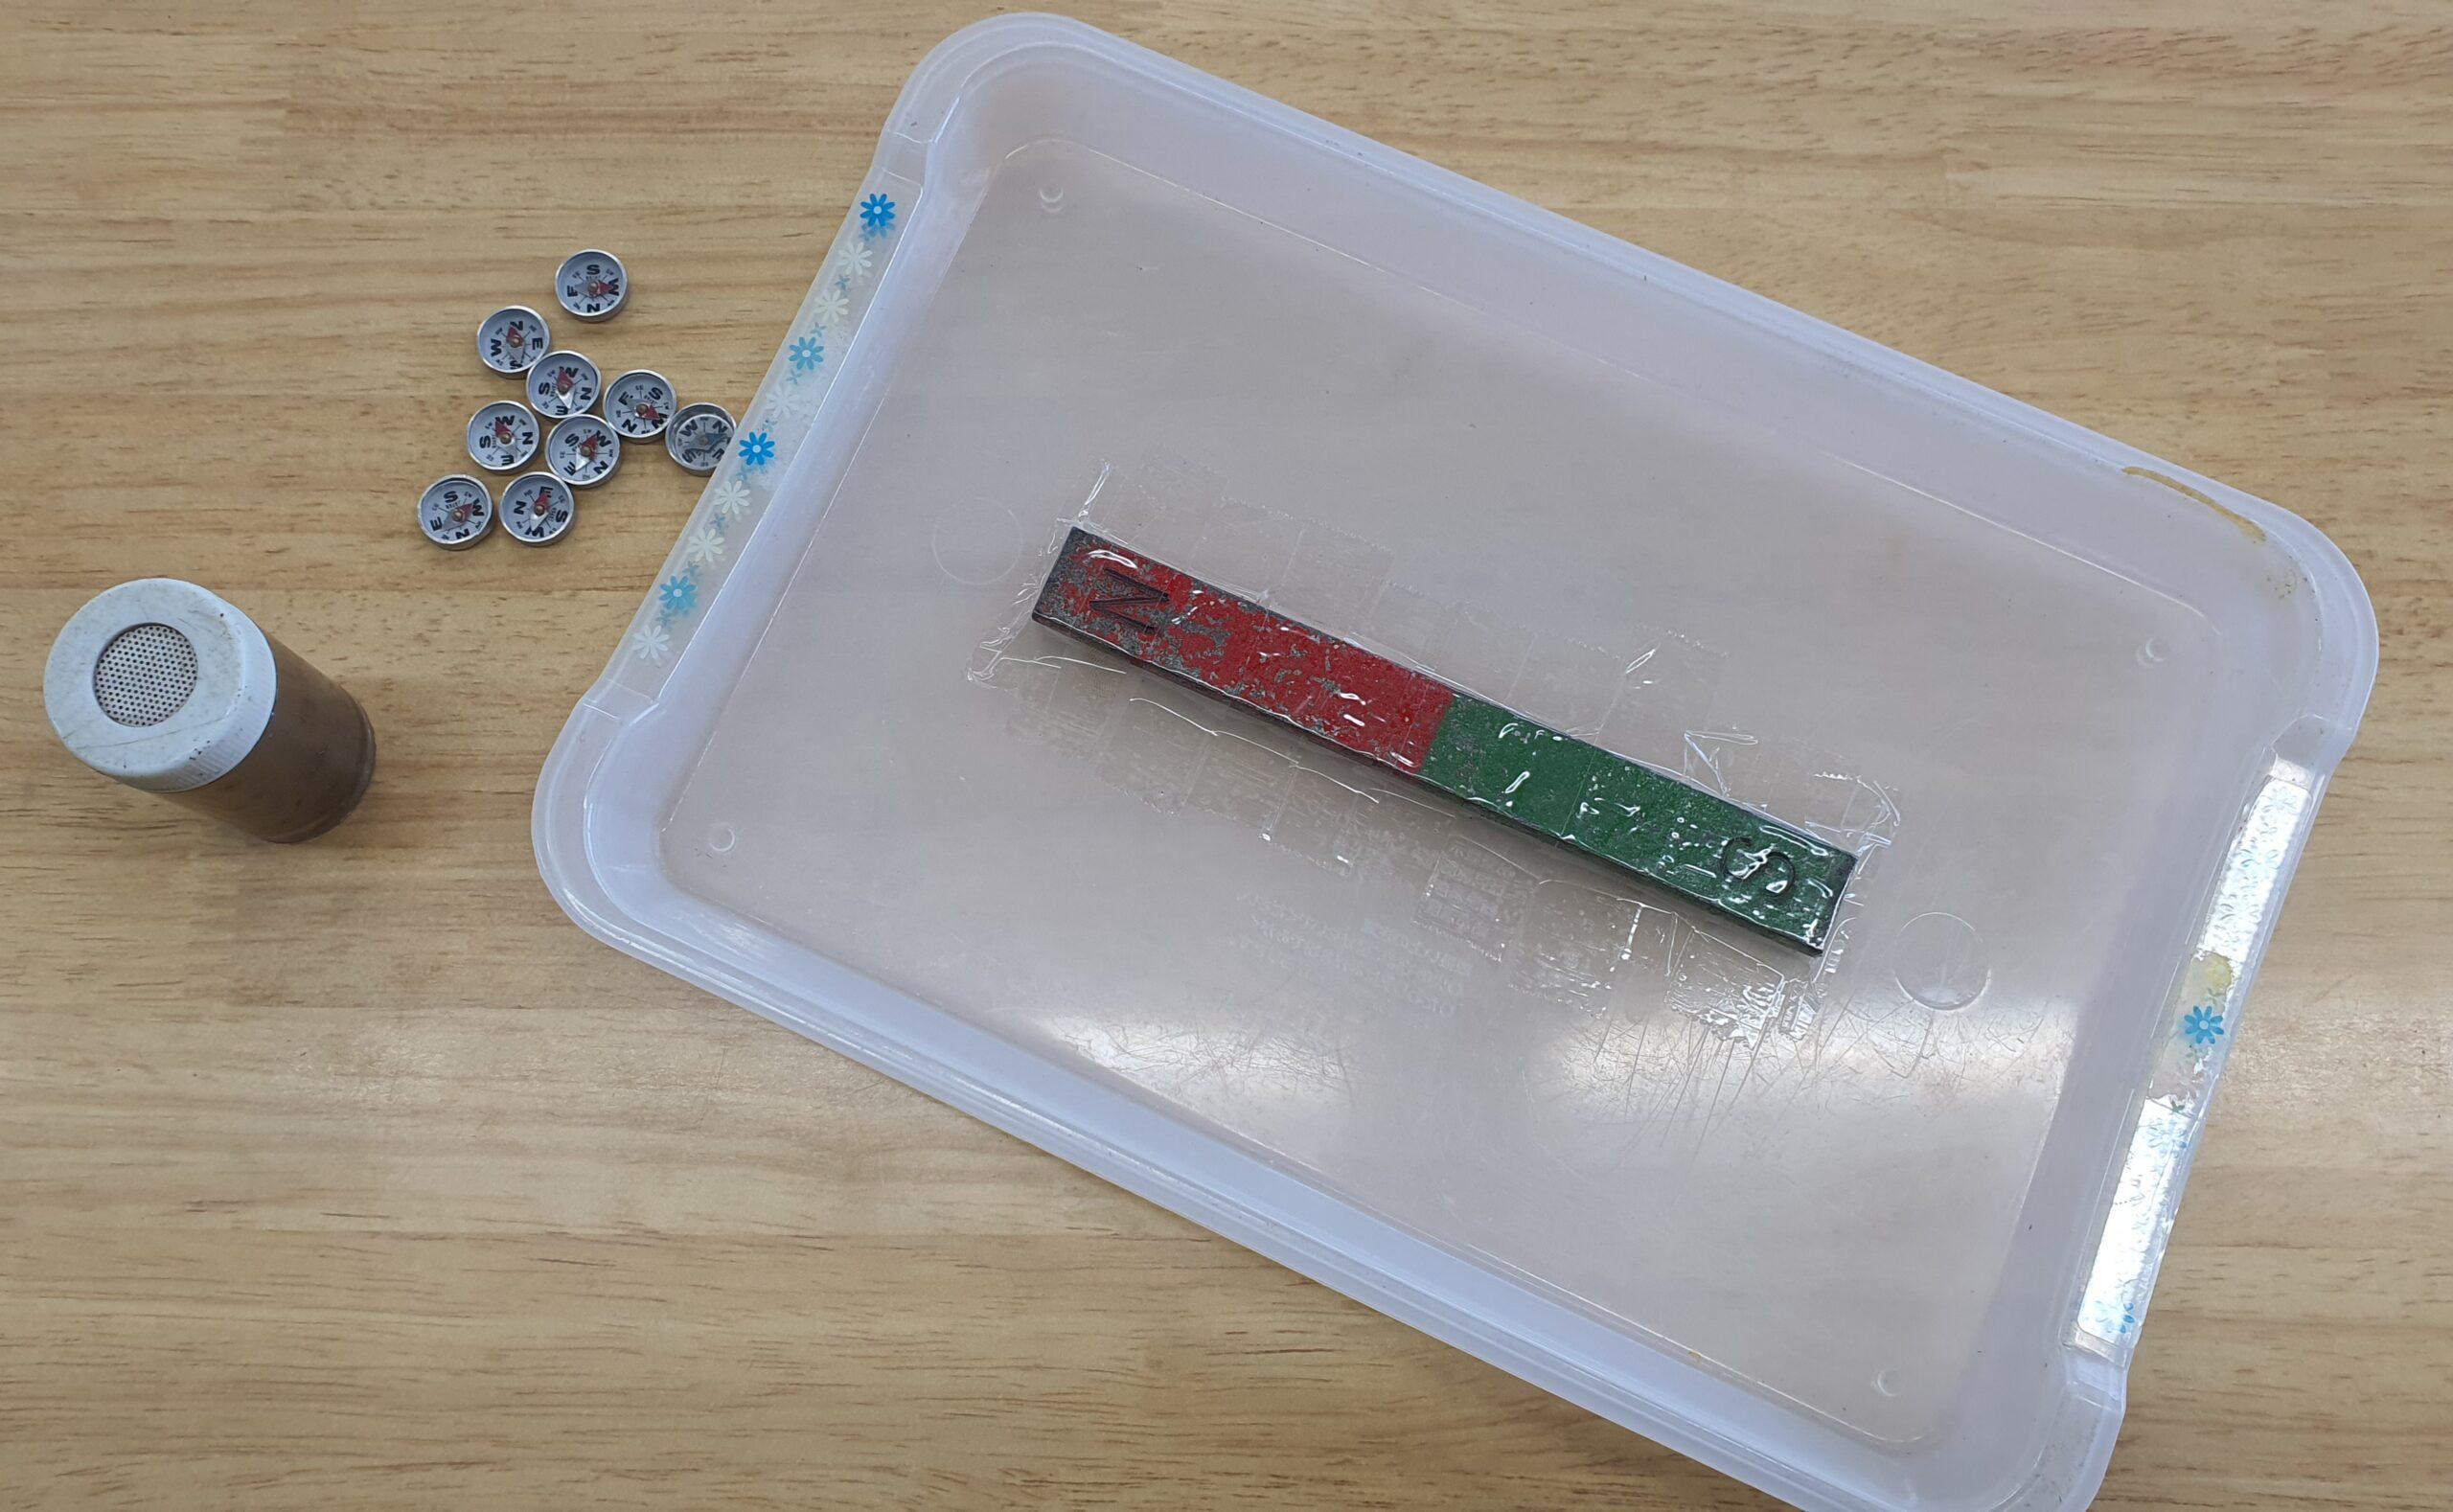 磁石の磁界を調べる実験